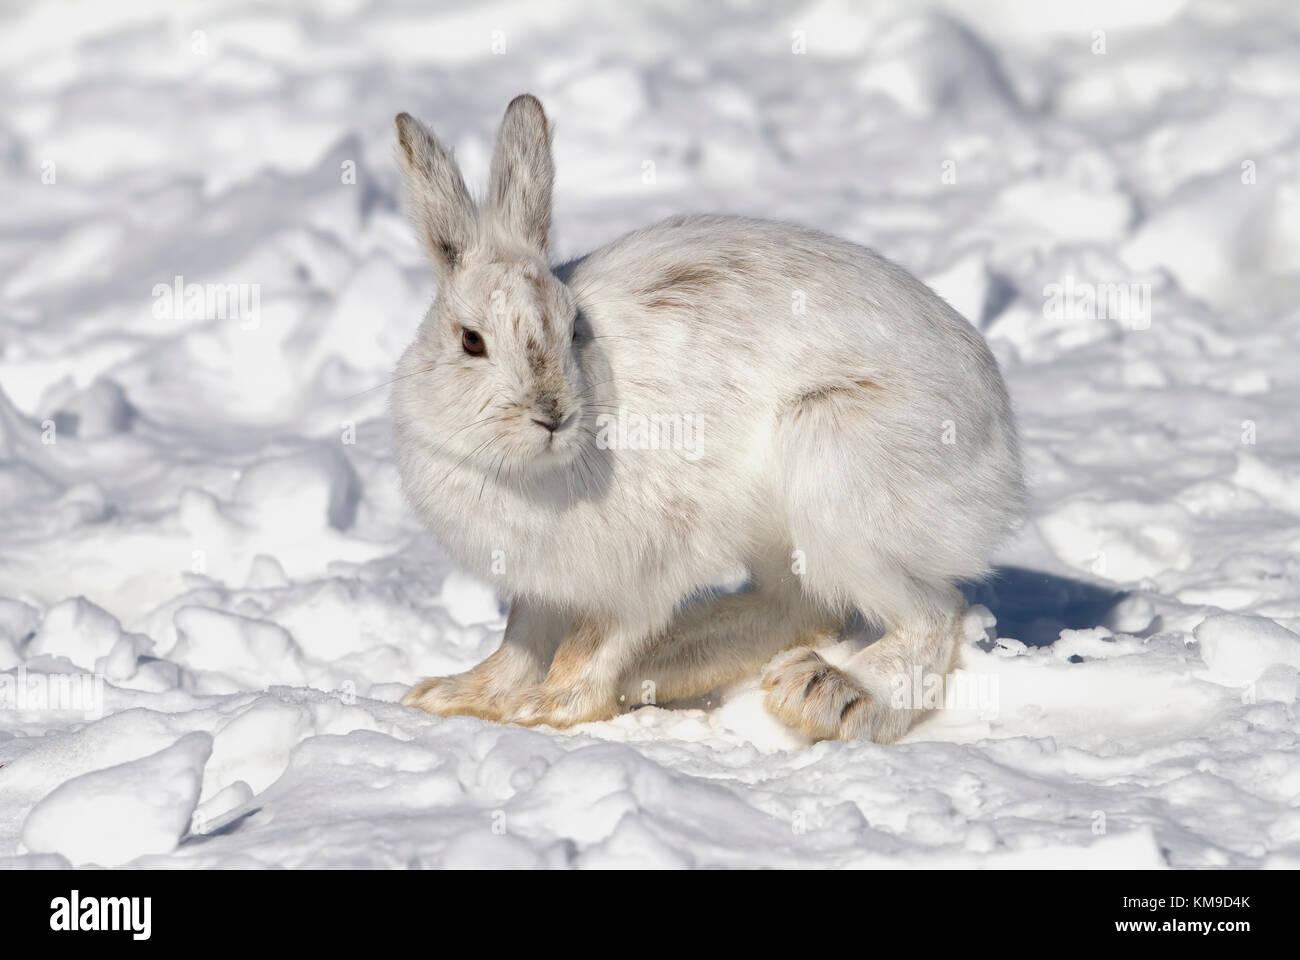 Le lièvre ou diverses espèces de lièvre (Lepus americanus) debout dans la neige avec un manteau blanc Photo Stock